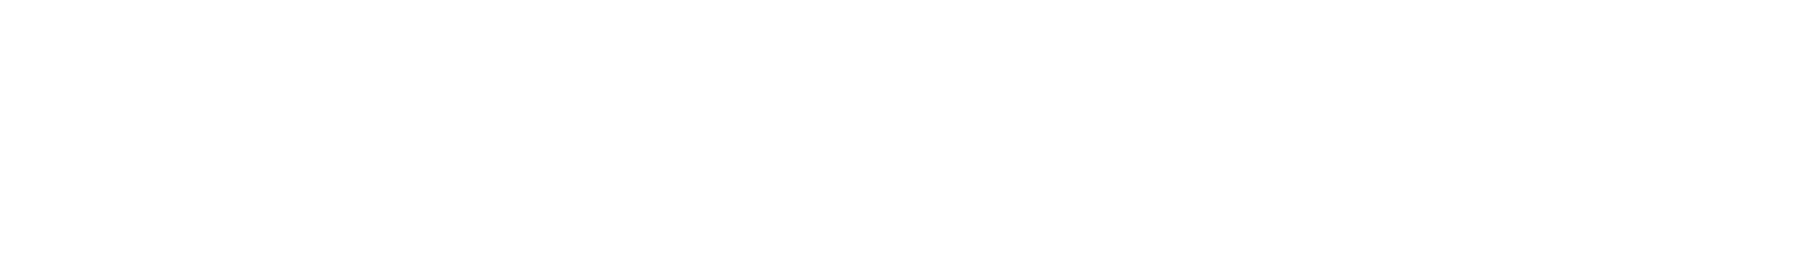 vfx1 atmos 01